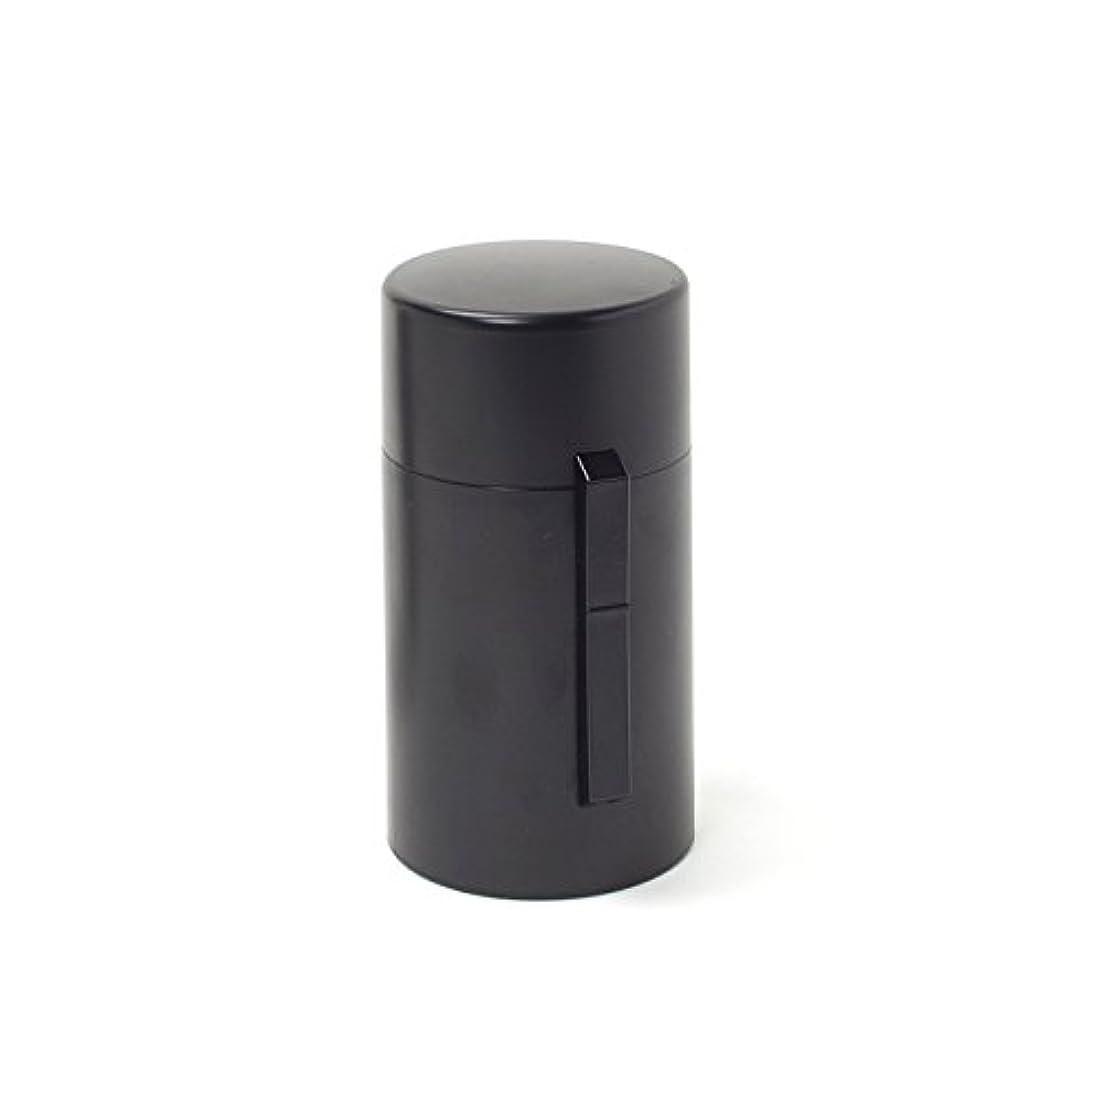 ソーダ水寛容な安息電池式香炉 ひとたき香炉 こづつ 黒